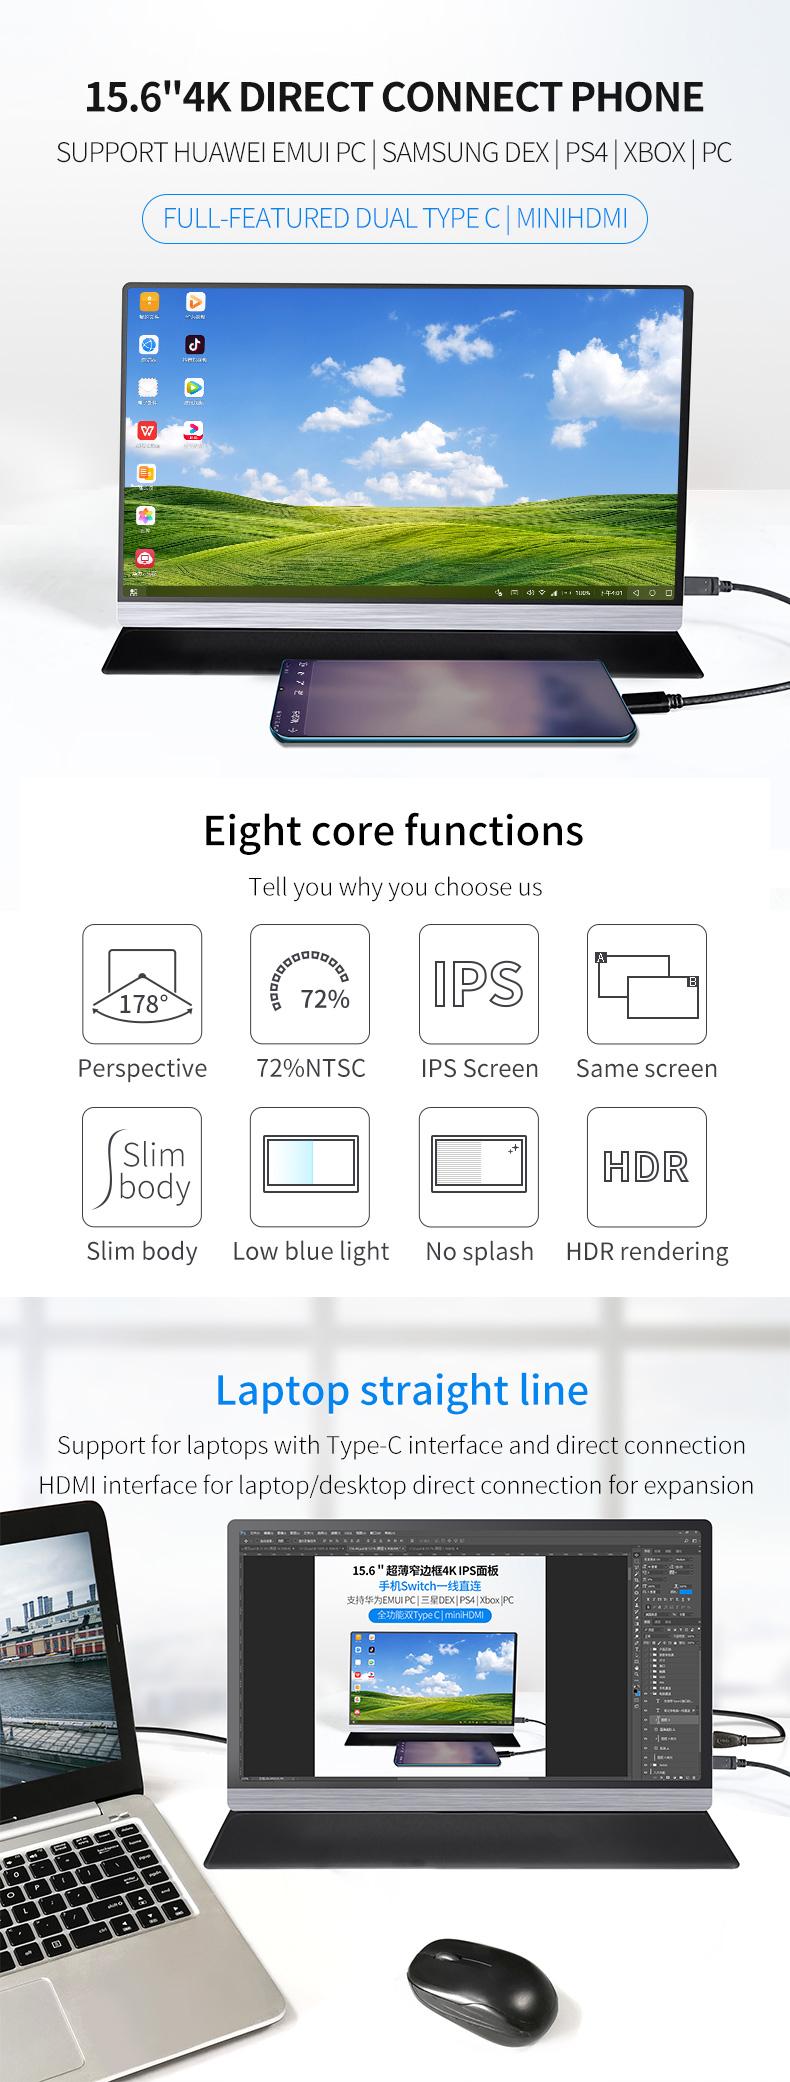 شنتشن مصنع نوع-C شاشة كمبيوتر محمول 4K 15.6 بوصة شاشة لاب توب LCD الألعاب ل PS4 Xbox ماك بوك سامسونج